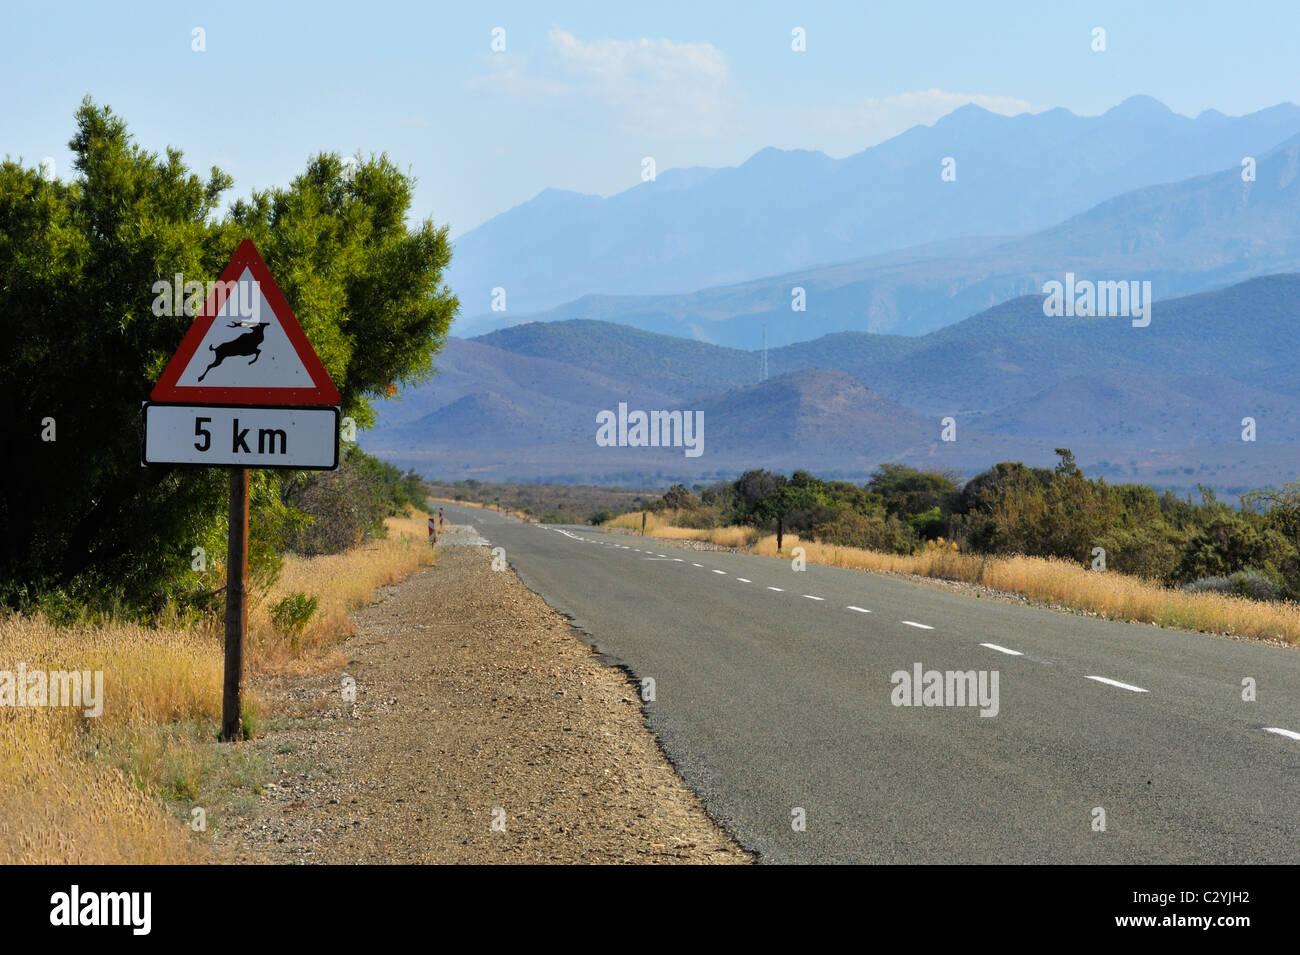 La ruta 341 hacia Oudtshoorn, Little Karoo, Sudáfrica Foto de stock